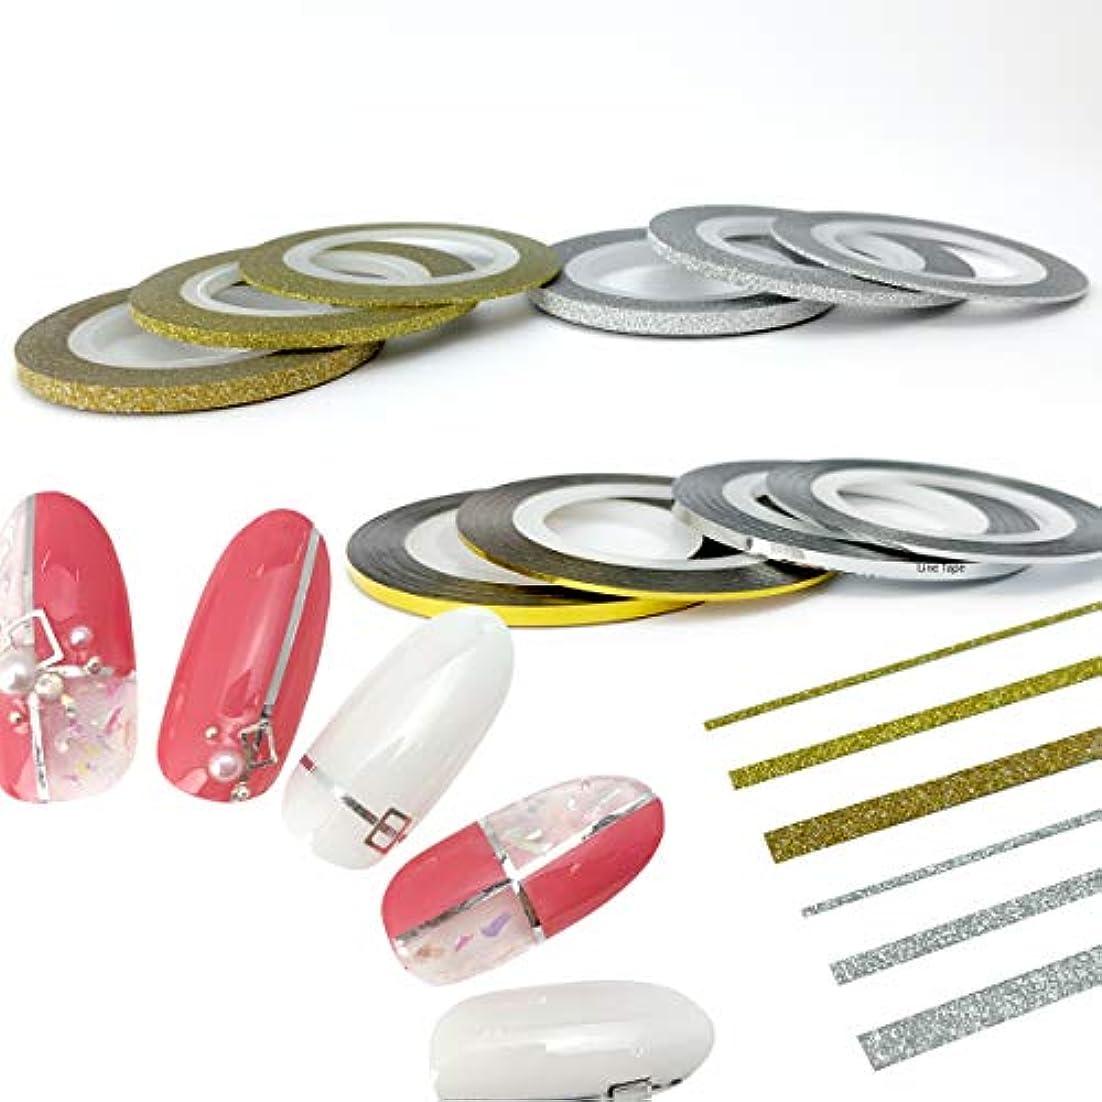 NaturalTrend ネイルアート用ラインテープ 1mm 2mm 3mm ネイルデザインテープ ジェルネイル ゴールド シルバー グリッターラインテープ (2mm, ラインテープ/ゴールド)